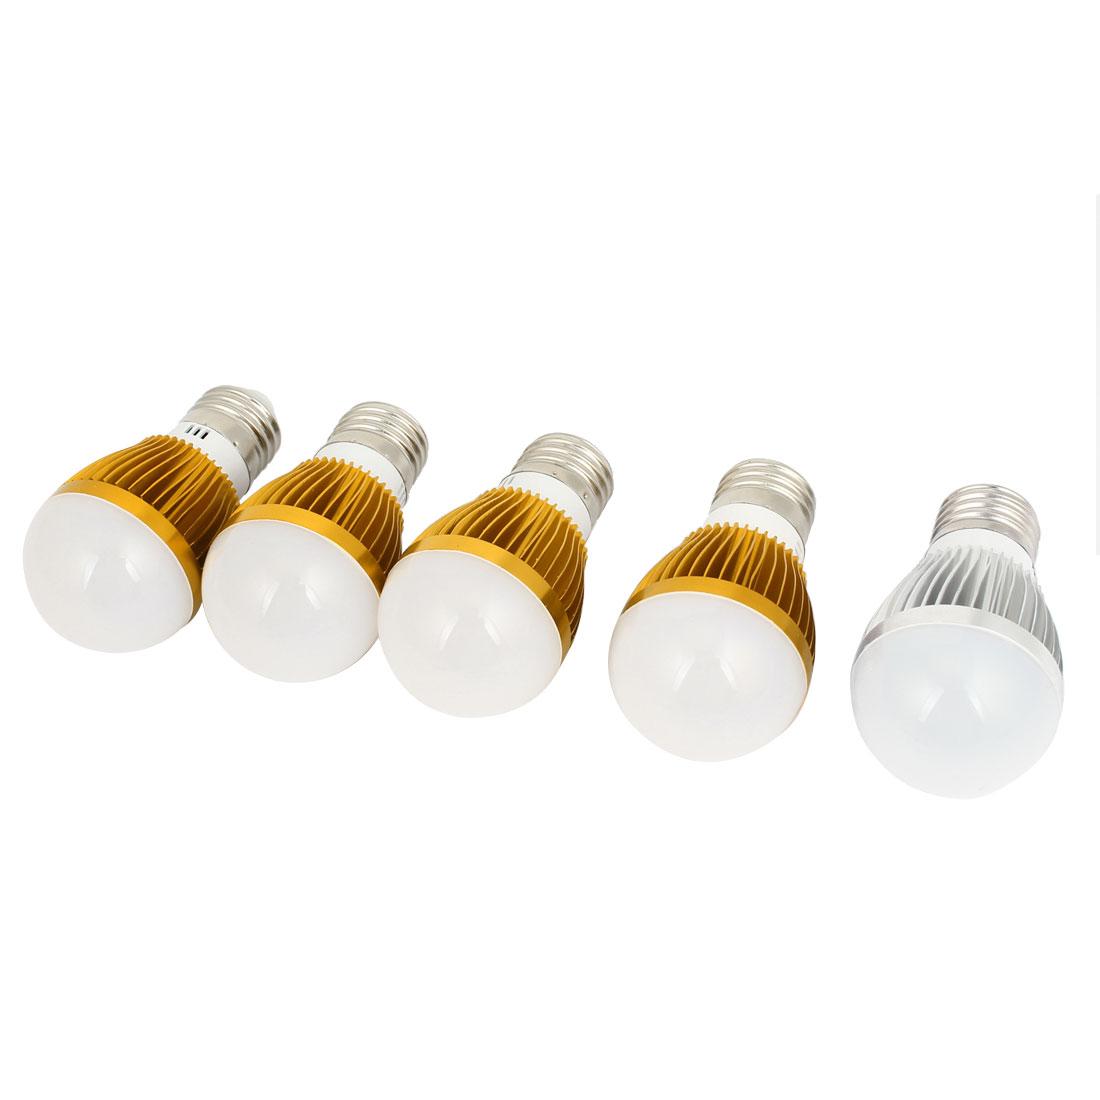 AC220V 3W 2800-3200K Warm White 6-LED E27 Socket Globe Lamp Ball Light 5 Pcs